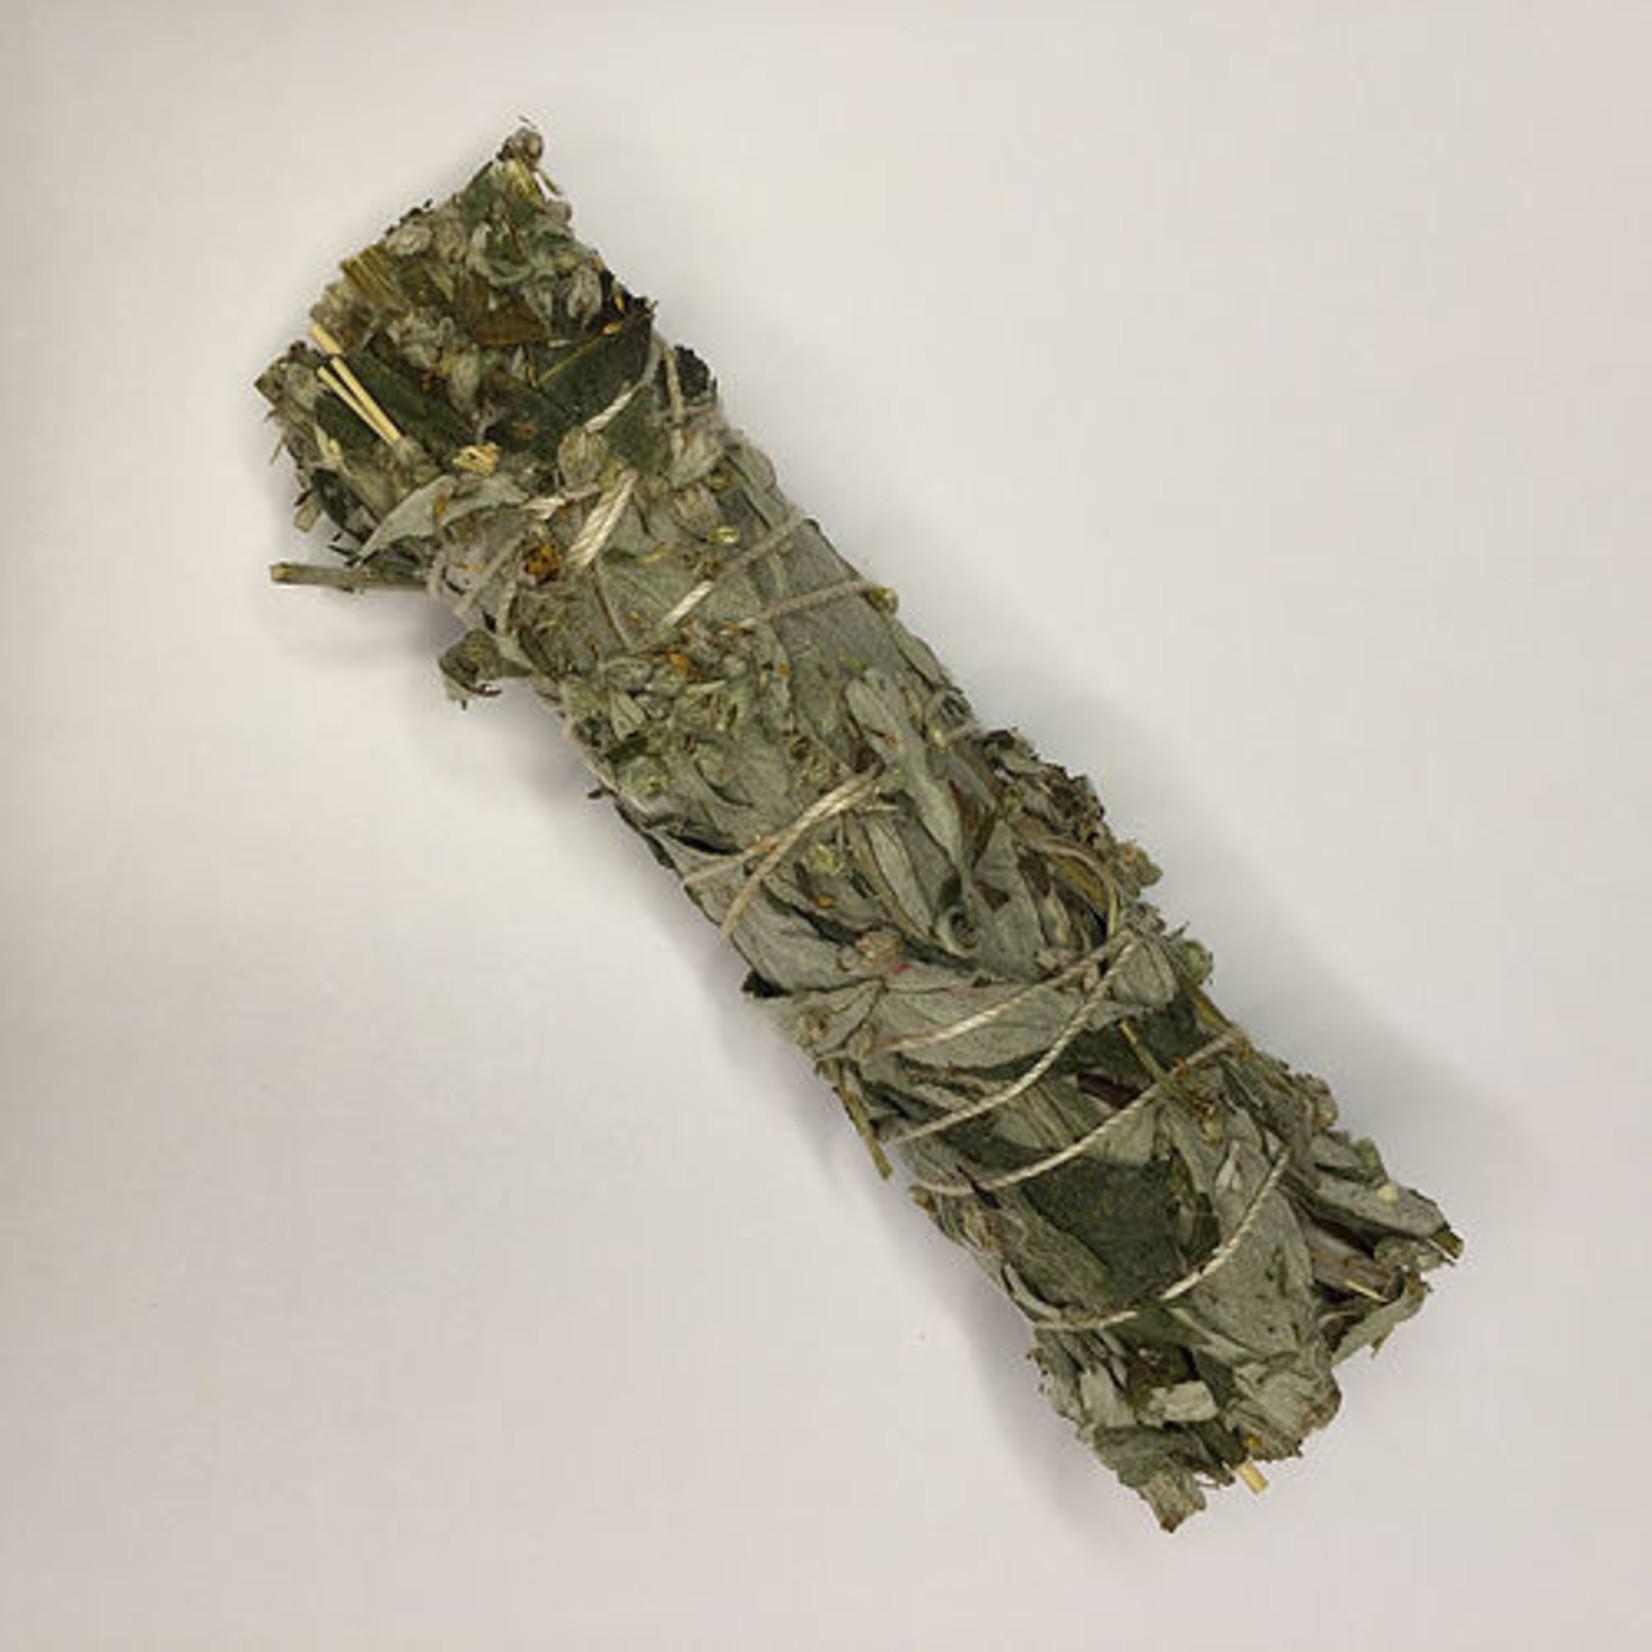 Mugwort/Sage Smudge Stick